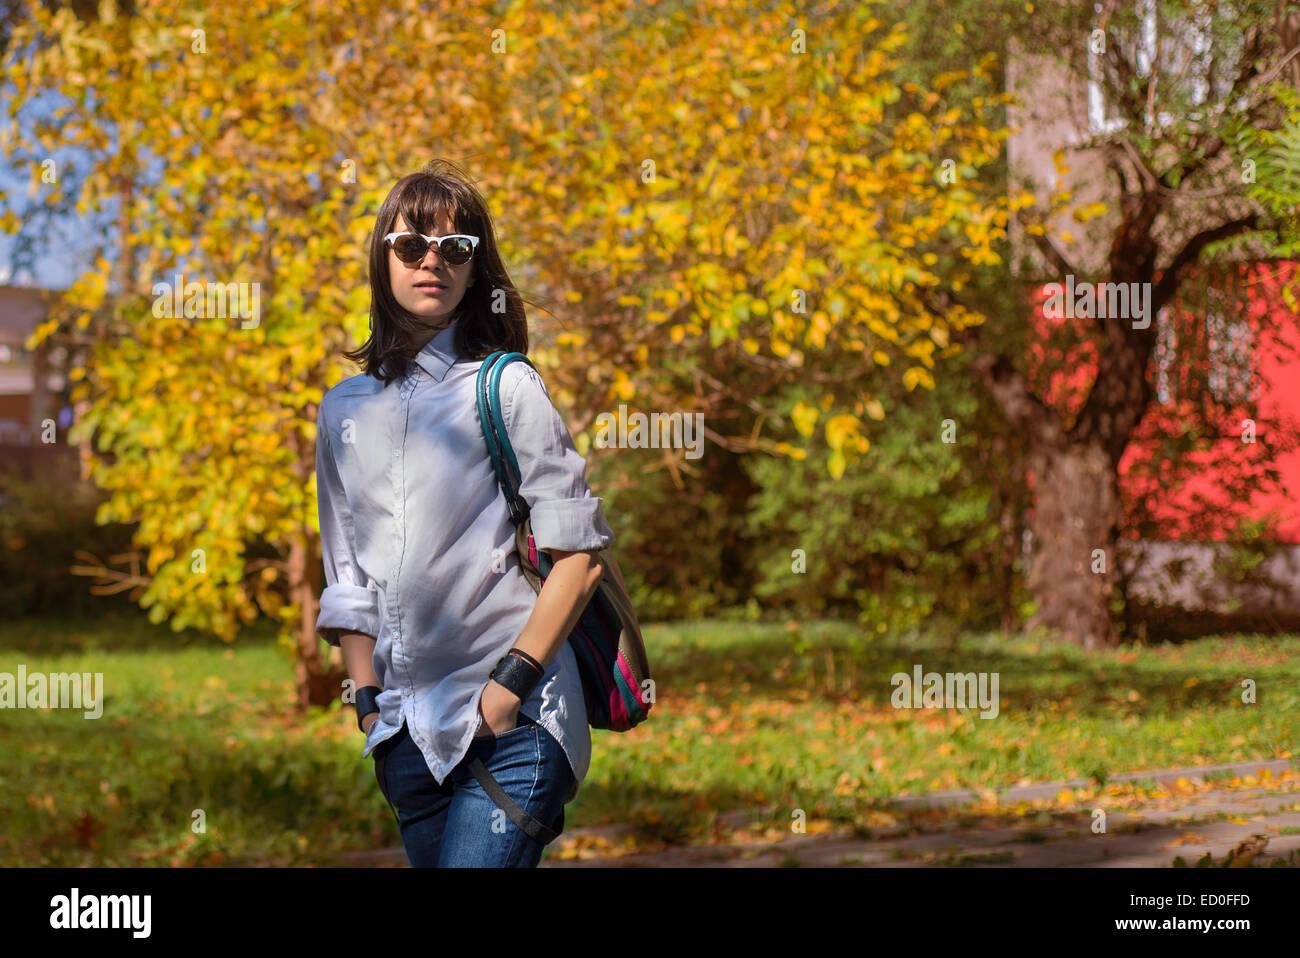 Porträt der jungen Frau in Herbstlandschaft Stockbild